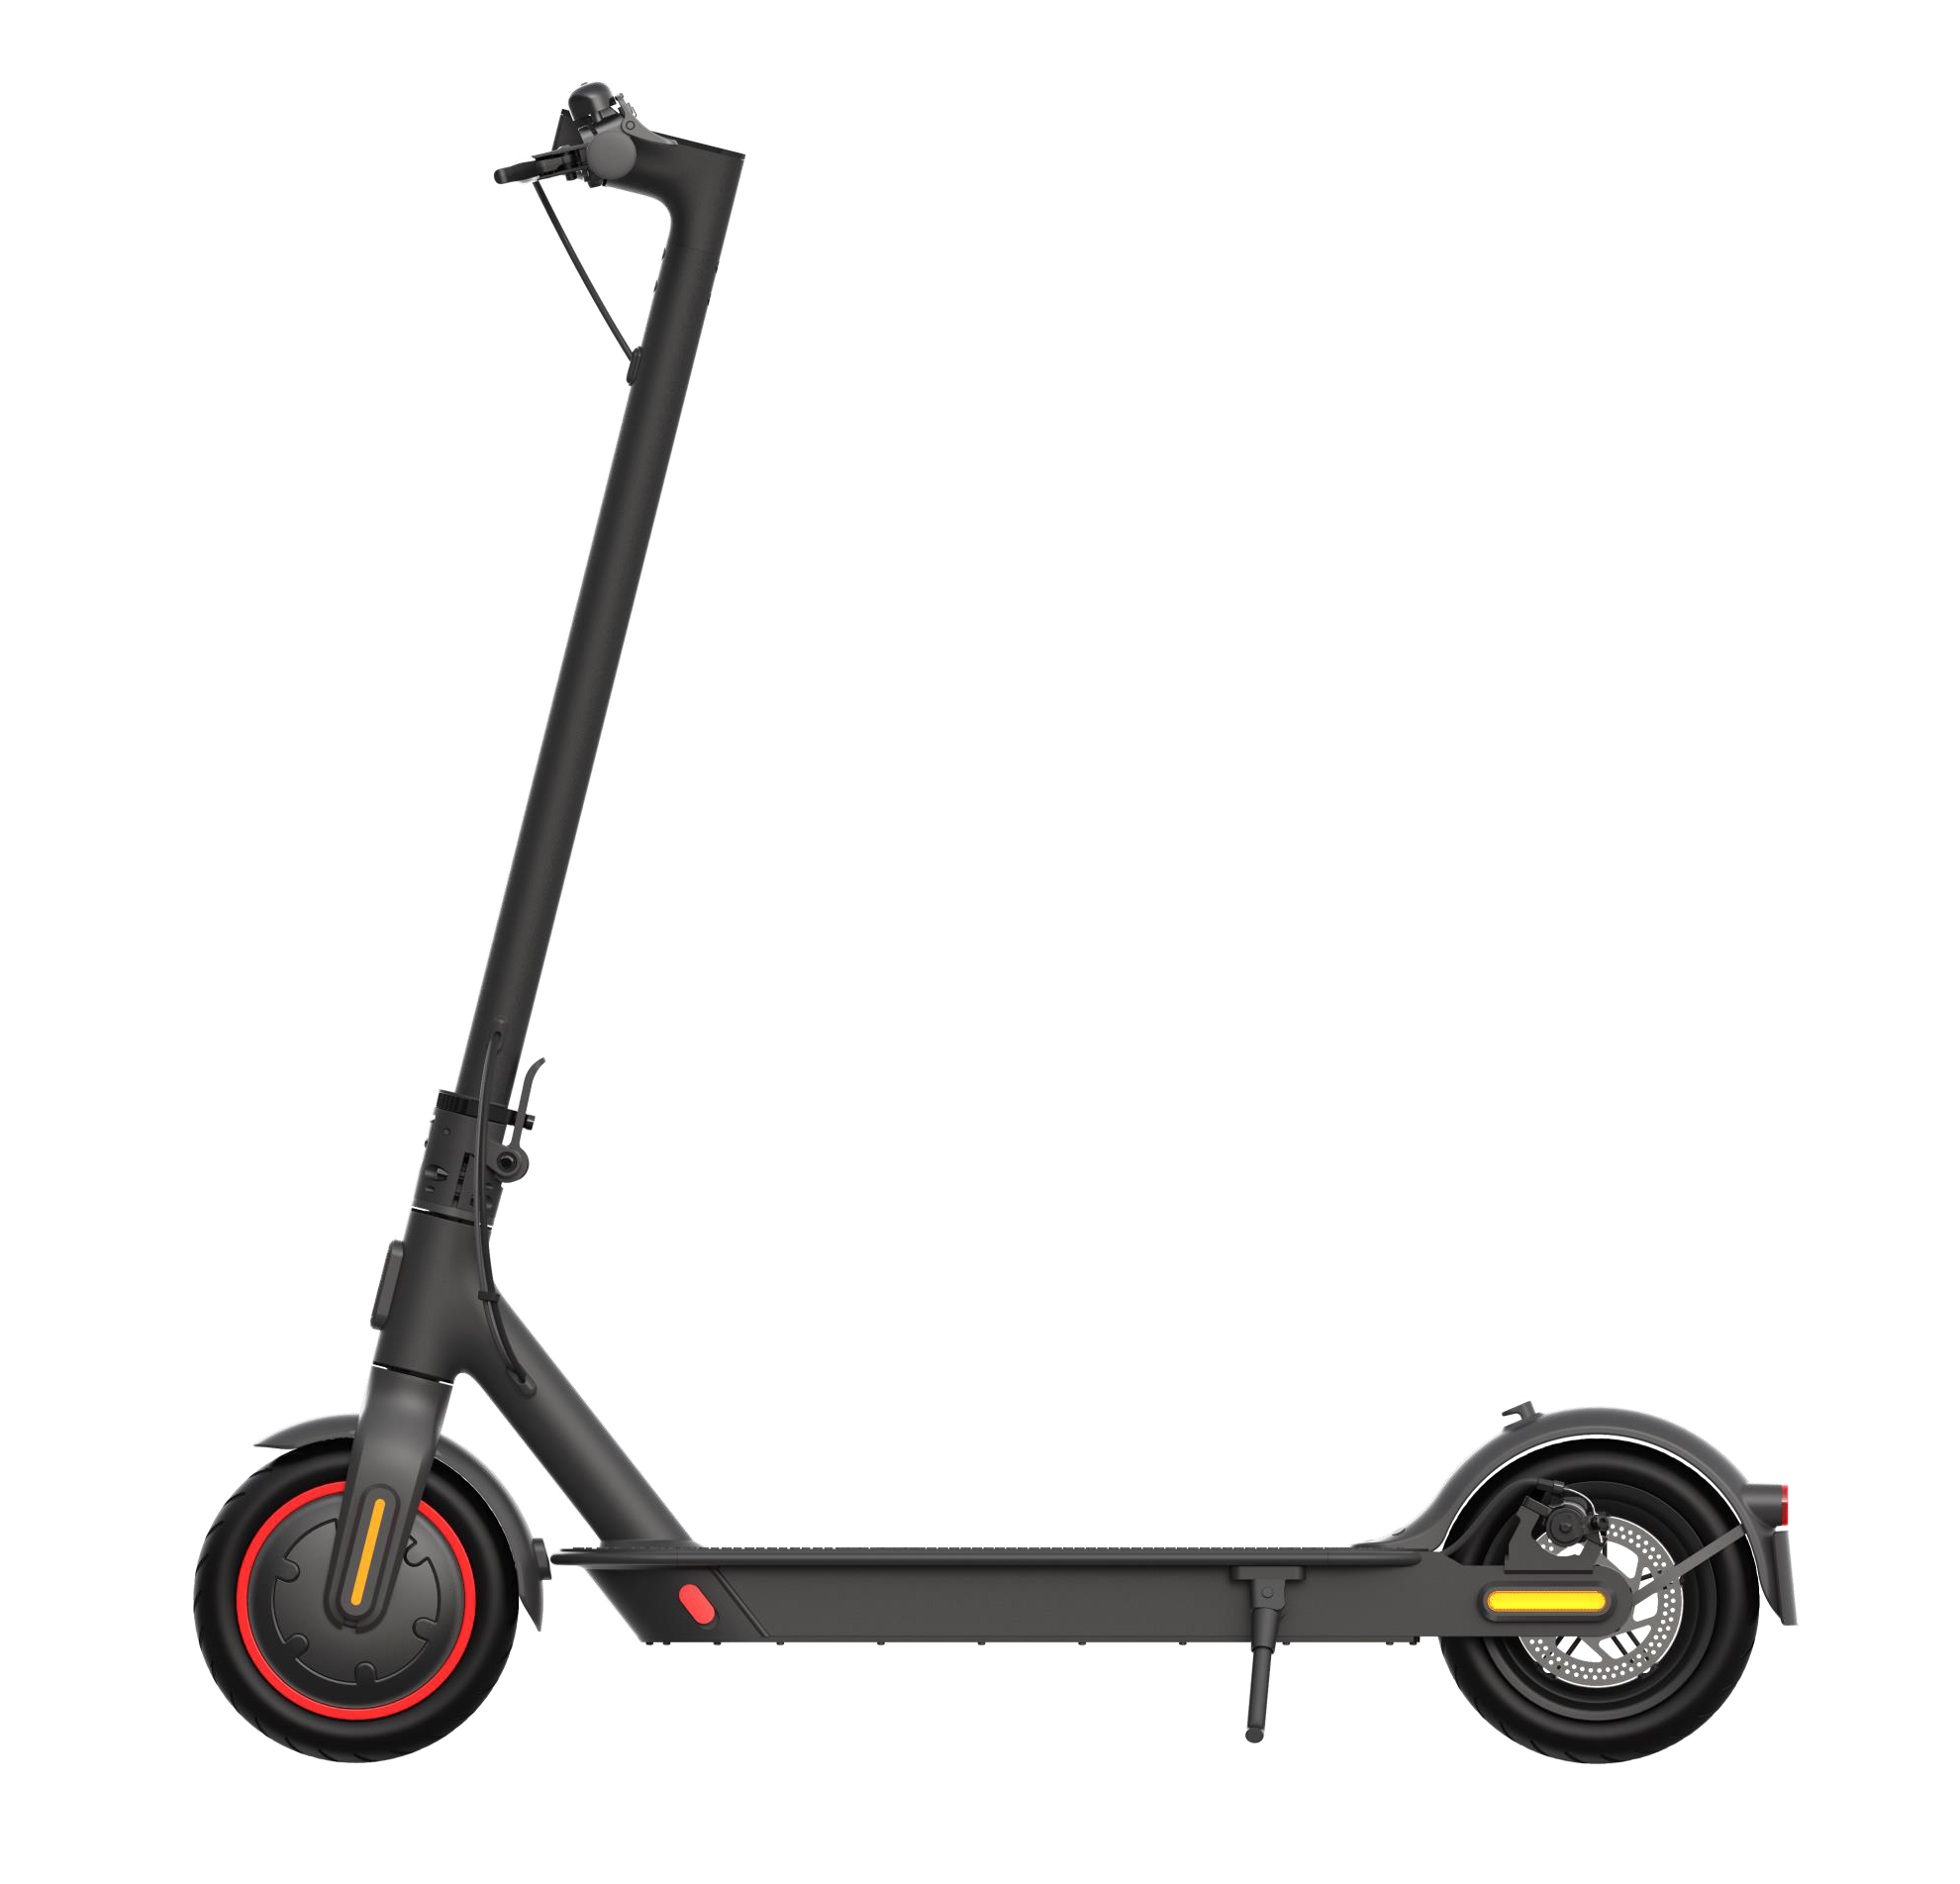 Scuter electric Mi Electric Scooter Pro 2 - Neagră